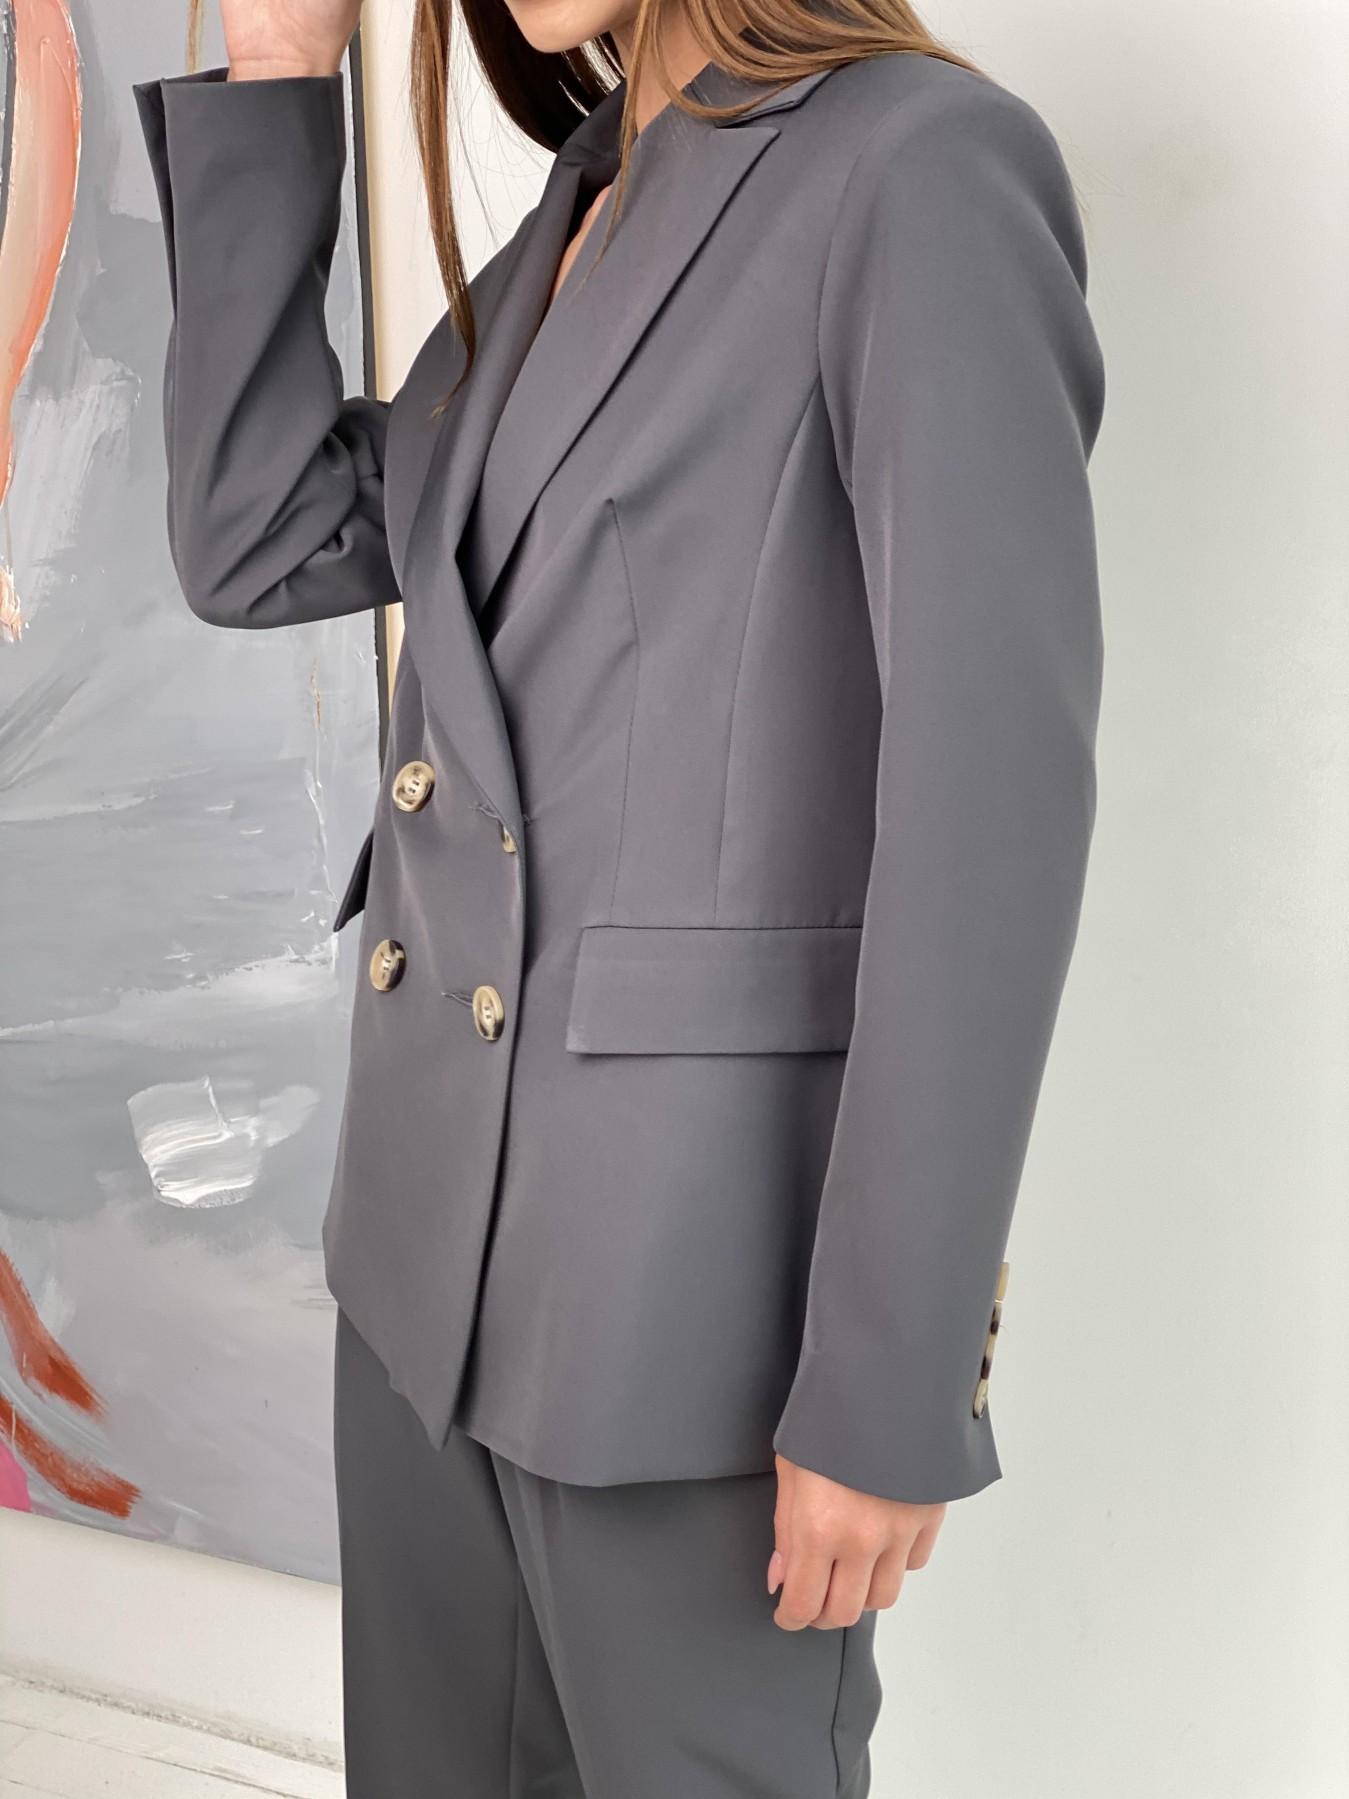 Франко костюм из костюмной ткани 11090 АРТ. 47975 Цвет: Графит - фото 4, интернет магазин tm-modus.ru